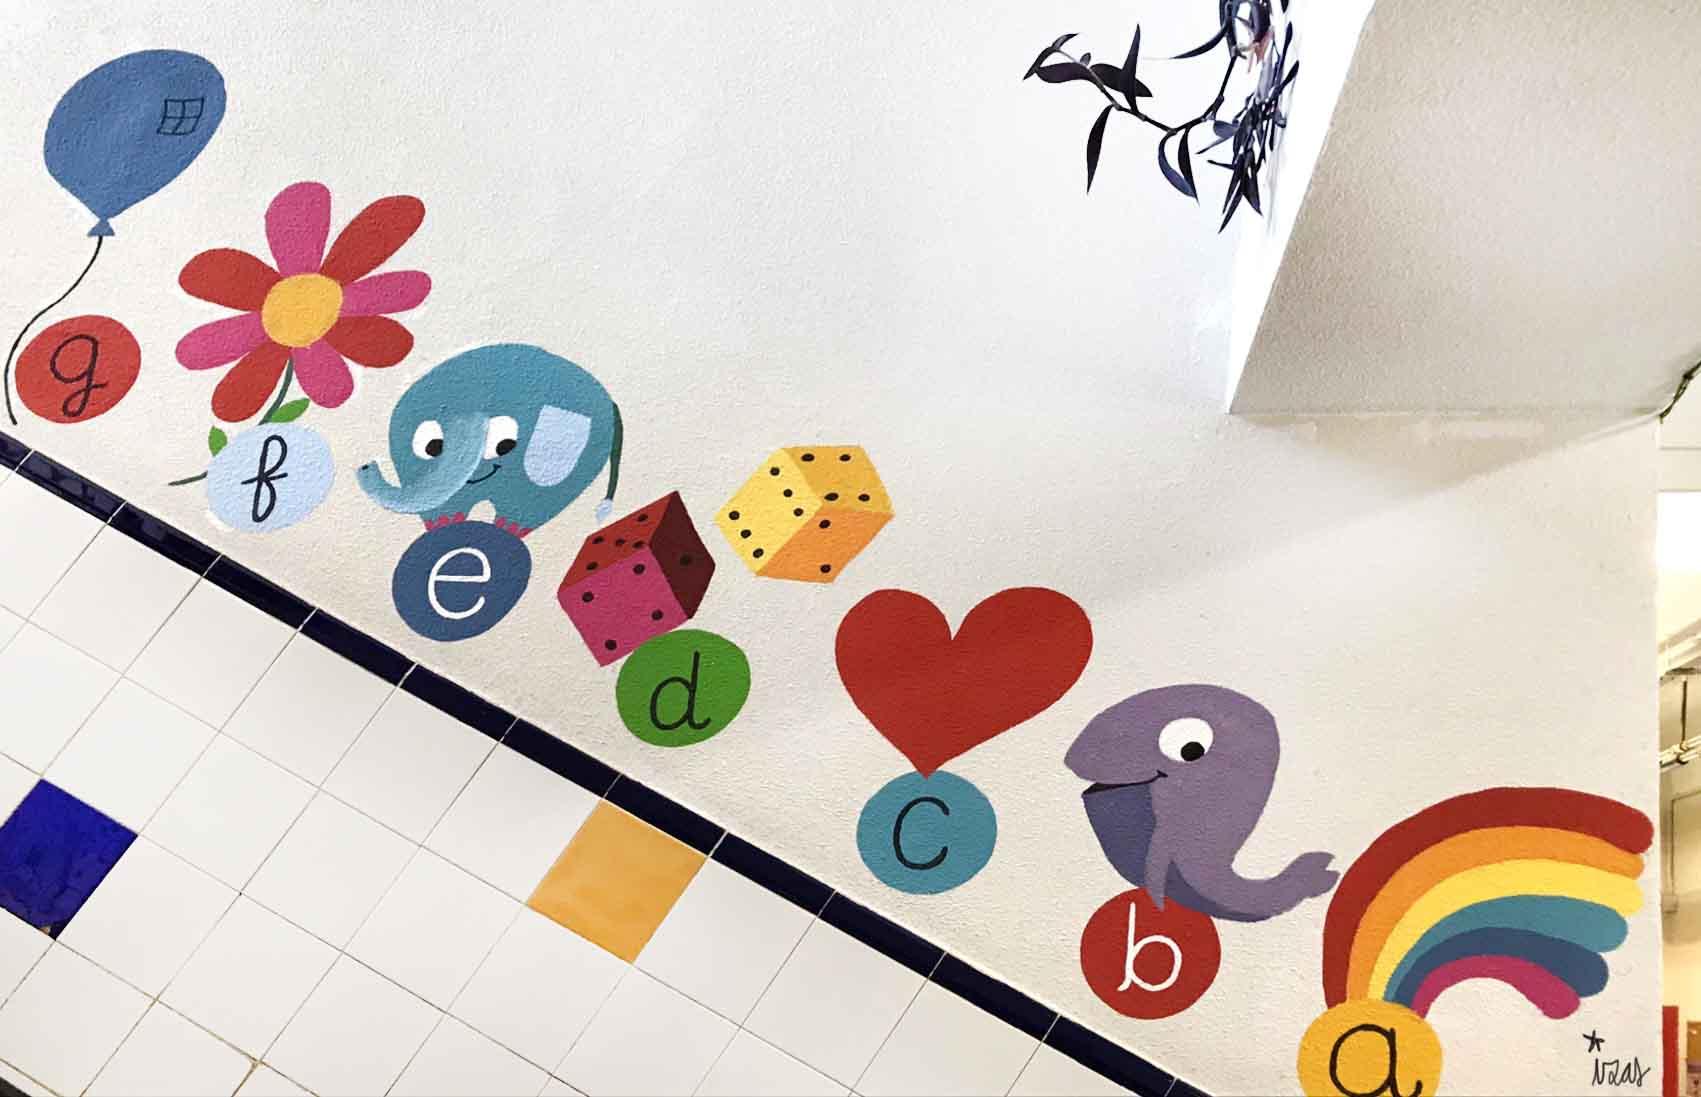 mural izas azulpatio soledad sainz escalera 21